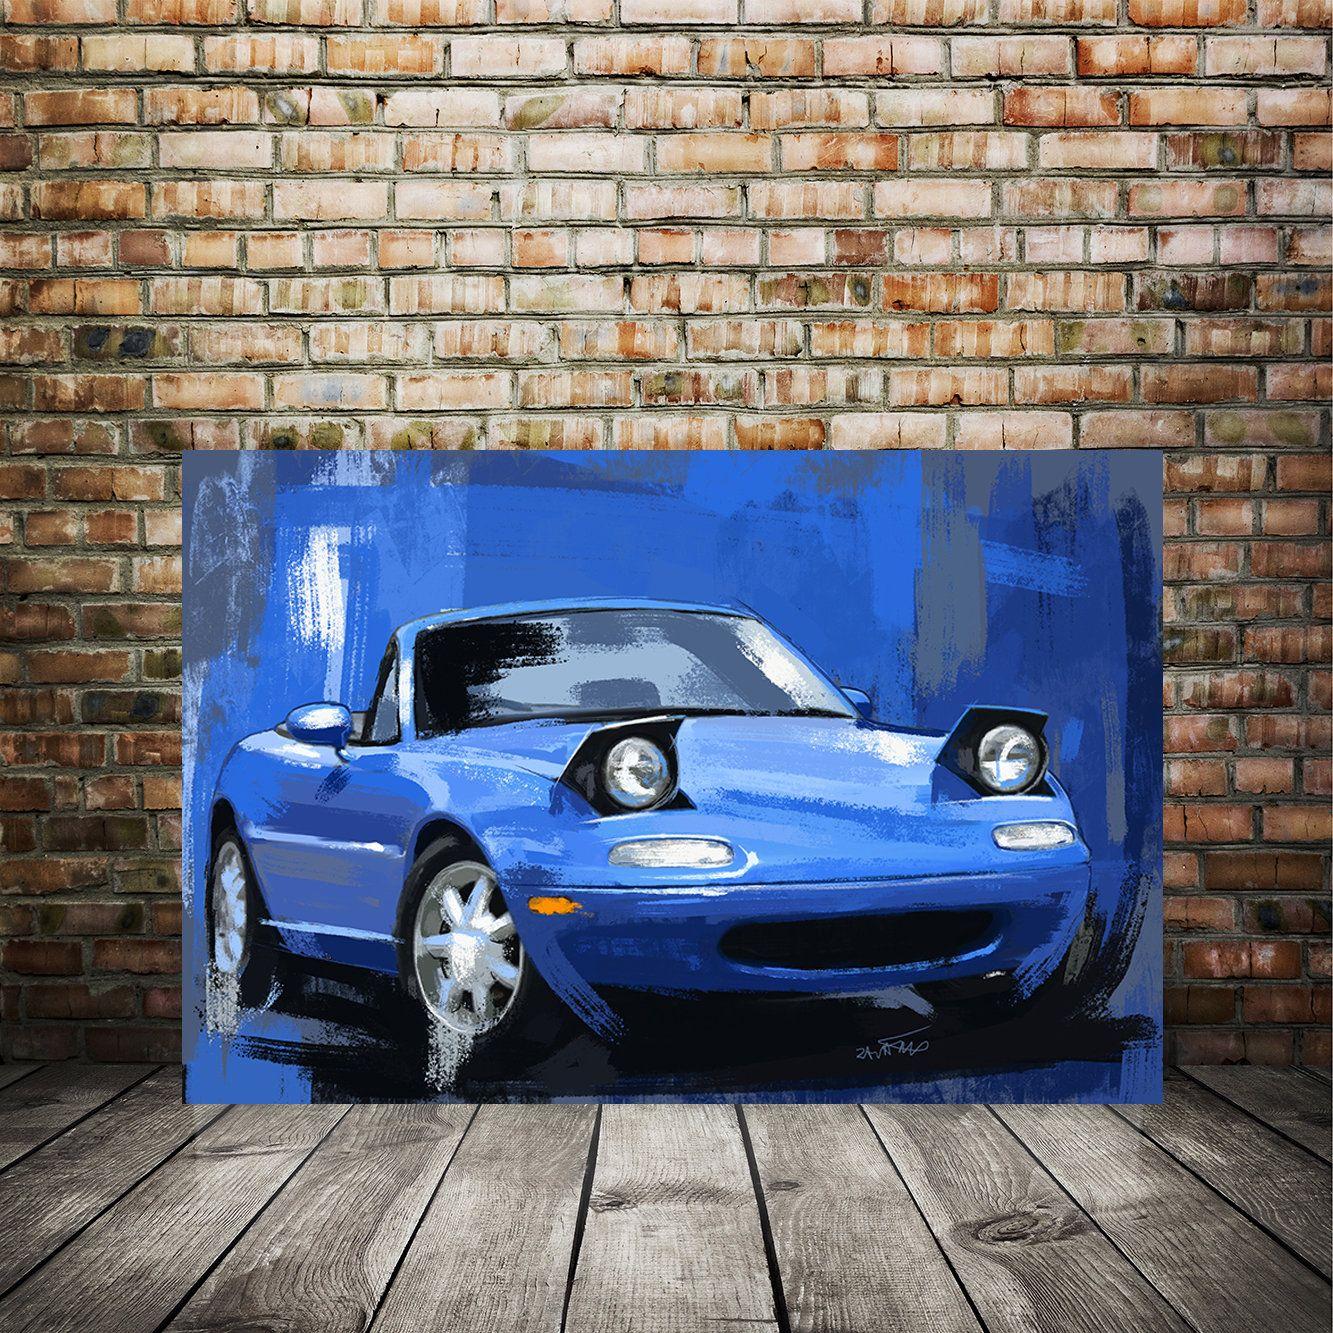 Auto Car Art Mazda Miata Blue Painting Automotive Decor Etsy In 2020 Car Art Unique Art Prints Automotive Decor